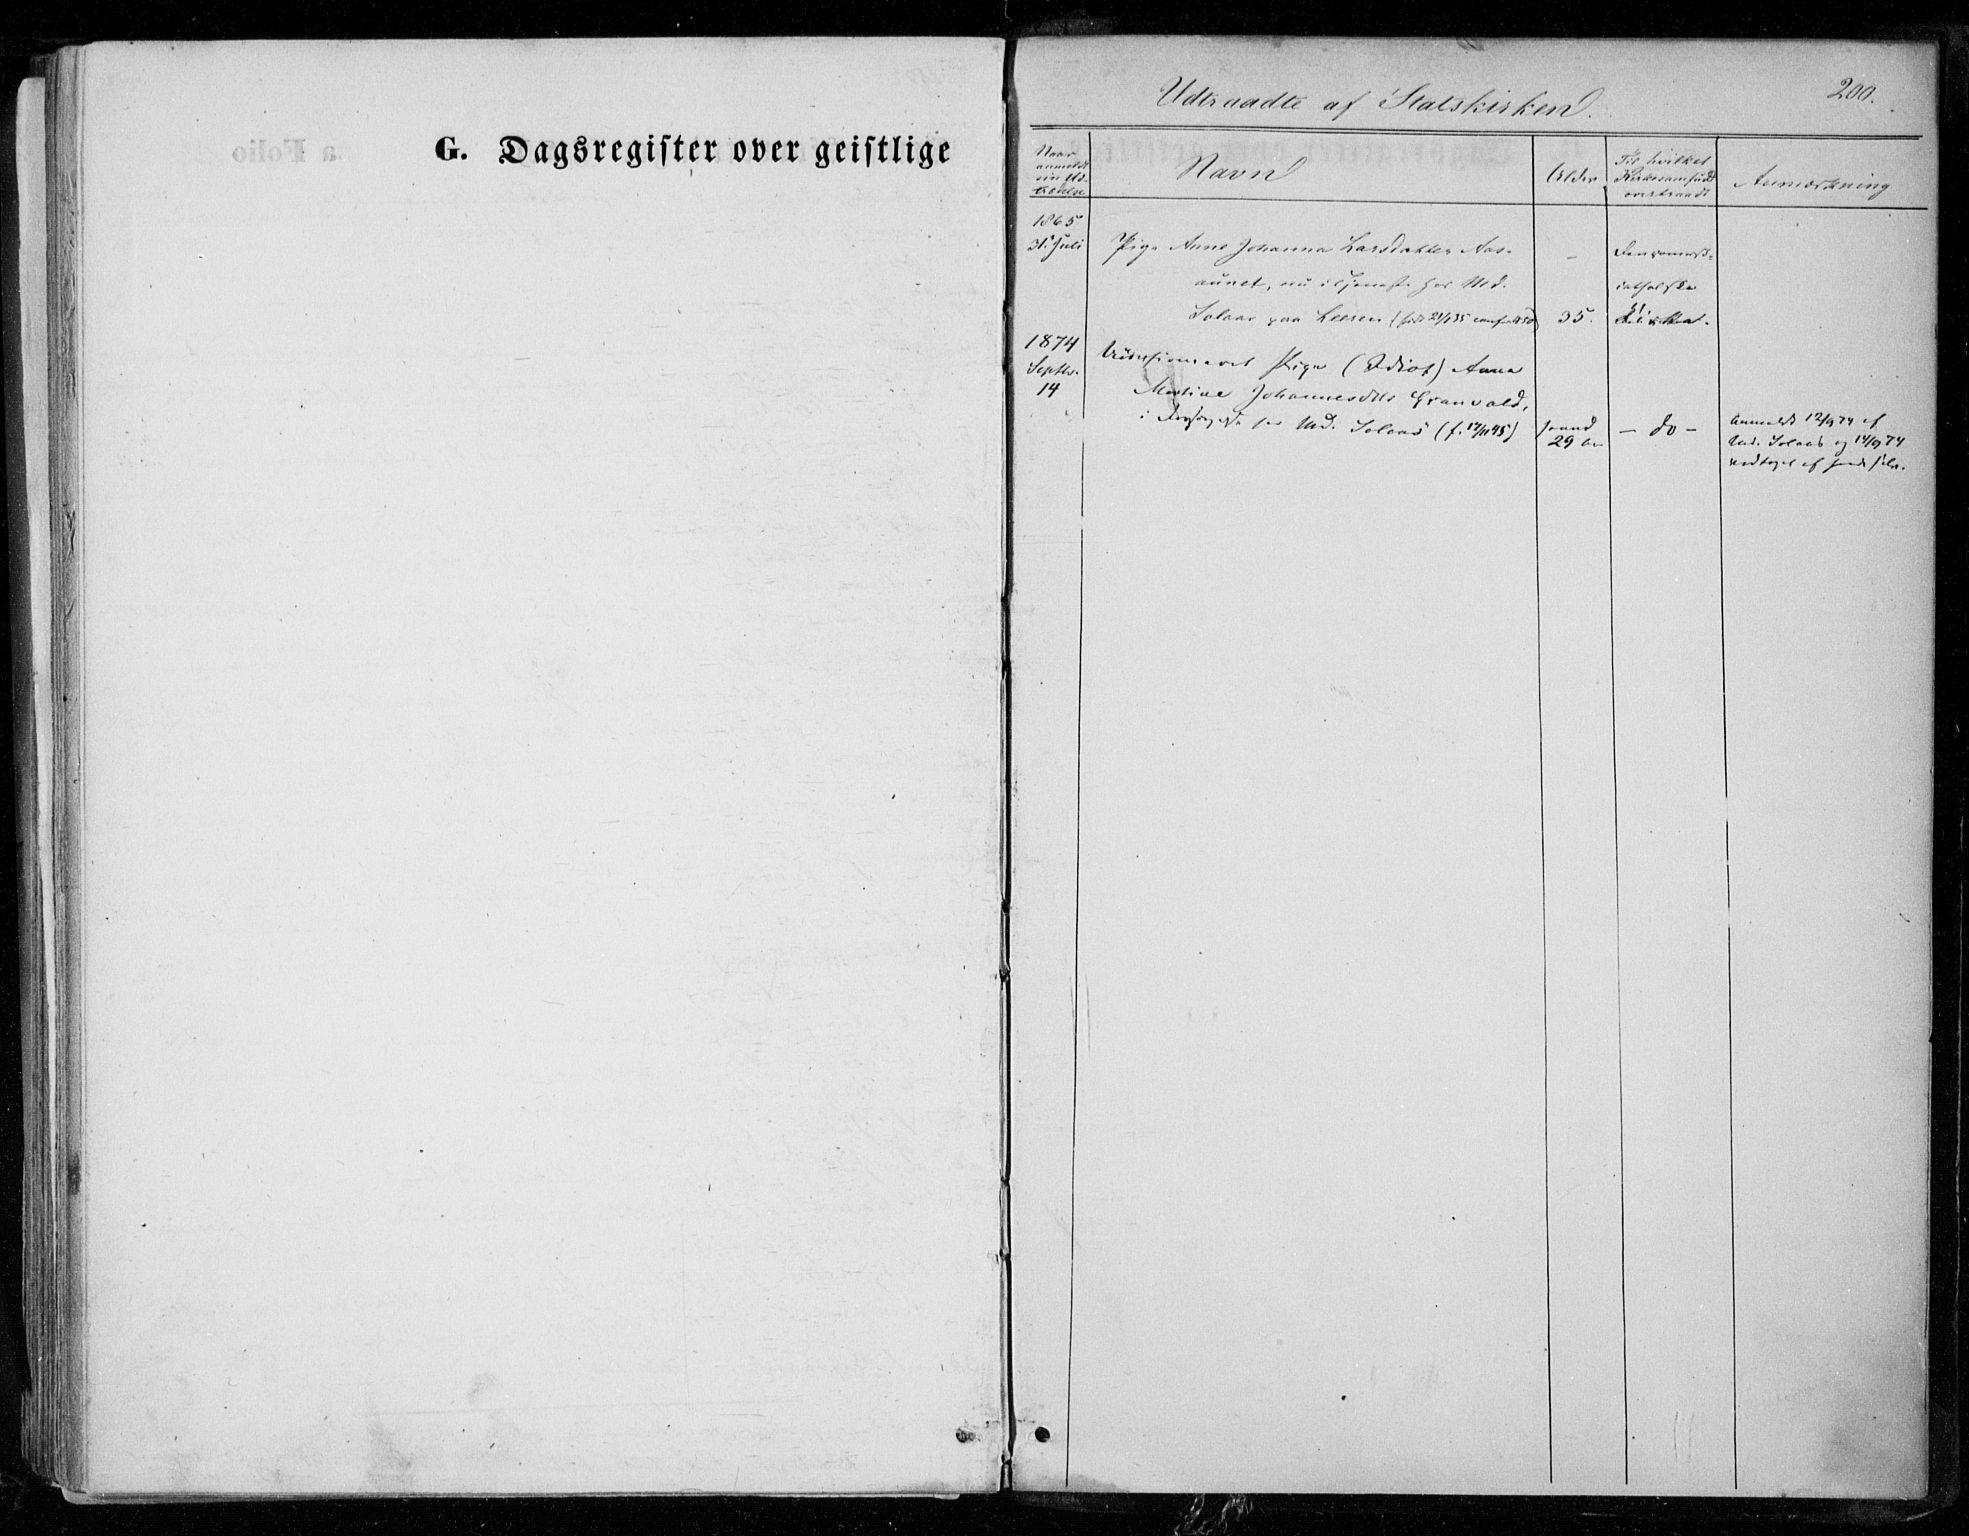 SAT, Ministerialprotokoller, klokkerbøker og fødselsregistre - Nord-Trøndelag, 721/L0206: Ministerialbok nr. 721A01, 1864-1874, s. 200